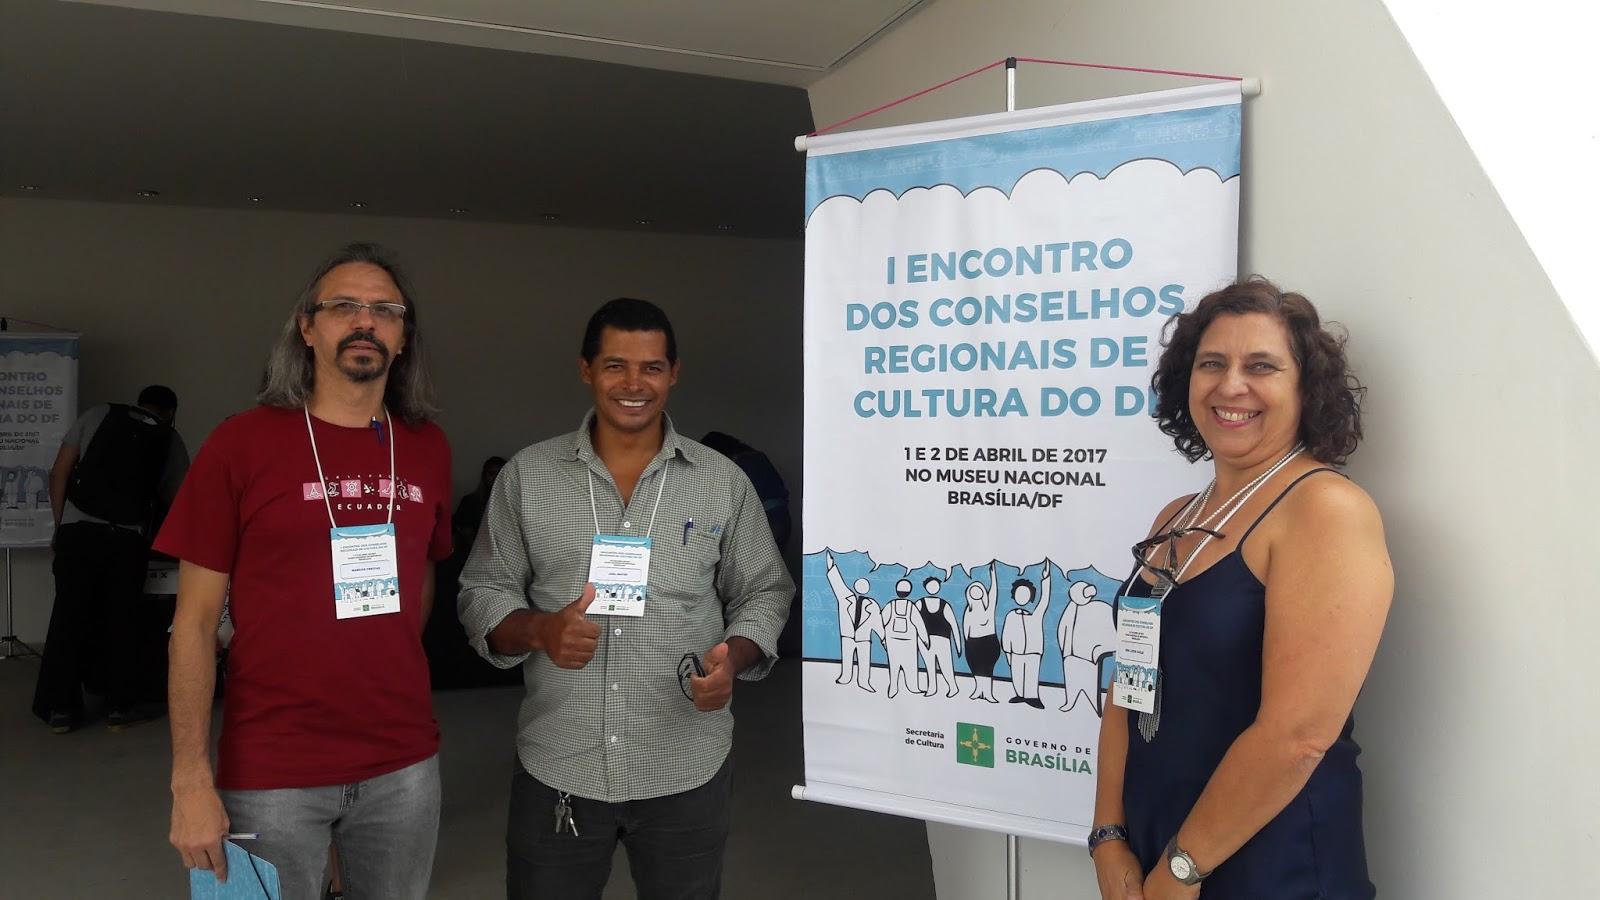 Realizados, desde 2017, três Encontros dos Conselhos Regionais de Cultura: <p><li> I Encontro dos Conselhos Regionais de Cultura (IECRC): ocorreu em abril/2017, com oficinas, palestras e grupos de trabalho sobre Lei Orgânica da Cultura (LOC), processos legais e formais, comunicação digital e uso da plataforma Mapa nas Nuvens.</li> <p><li> II Encontro dos Conselhos Regionais de Cultura (IIECRC): ocorreu em abril/2018, teve como pauta principal a proposição de metas para o Plano de Cultura do DF e na sua terceira edição.</li> <p> <li>III Encontro dos Conselhos Regionais de Cultura (IIIECRC): ocorreu 10 e 11 de novembro/2018 no Museu Nacional, escreveu um novo capítulo de sua história. Pela primeira vez, desde a criação do colegiado em 1989, o Conselho de Cultura do DF (CCDF) realizou um processo eleitoral para a escolha dos membros da sociedade civil para compor o Conselho de Cultura nos próximos três anos. A escolha foi feita pelos conselheiros regionais de cultura das regiões administrativas do DF, de acordo com Regimento Eleitoral - Resolução CCDF nº 02, de 02/10/2018.</li>